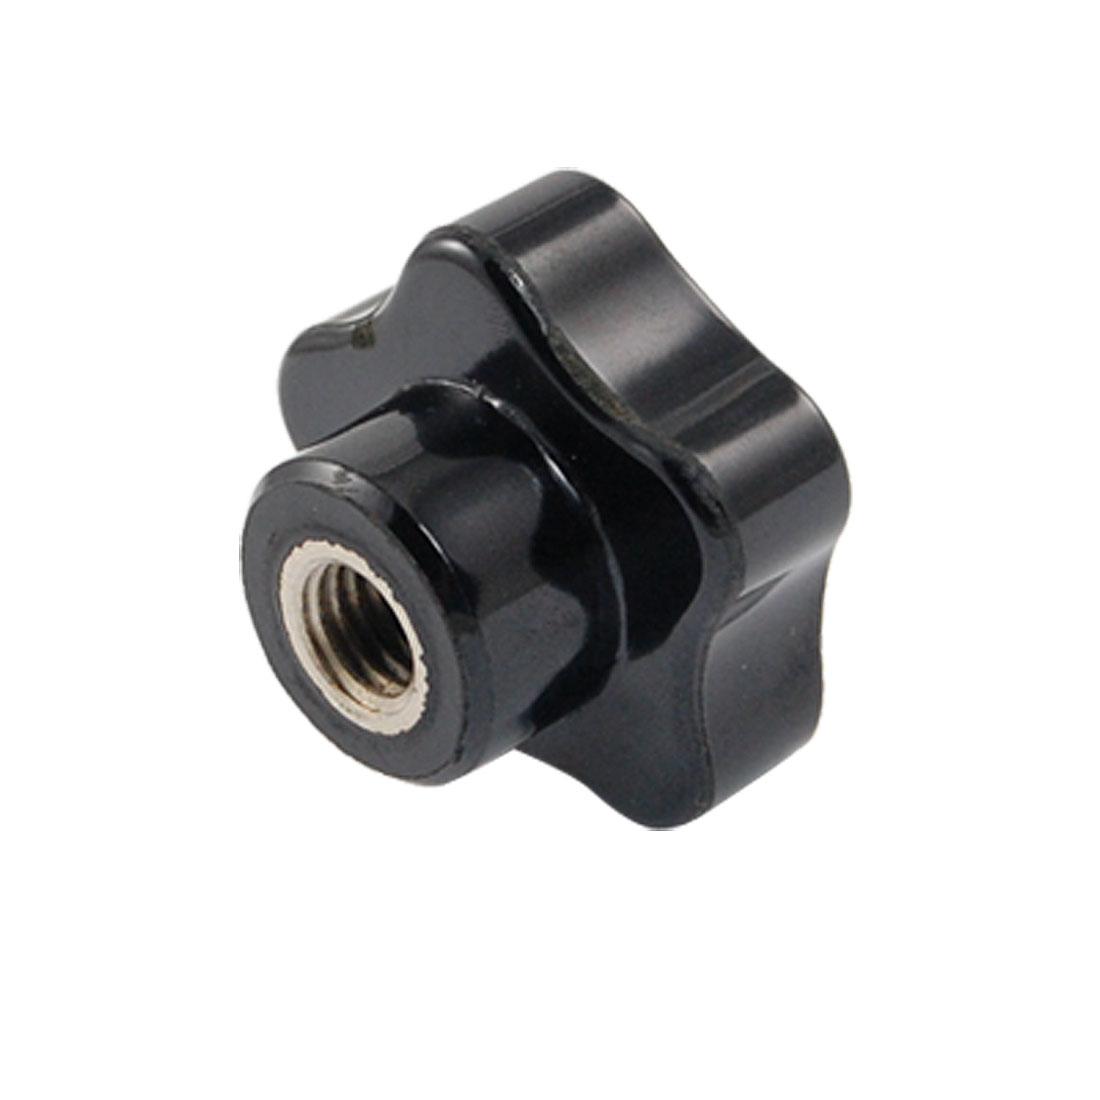 10mm Female Thread Diameter Black Grip Knob Replacement